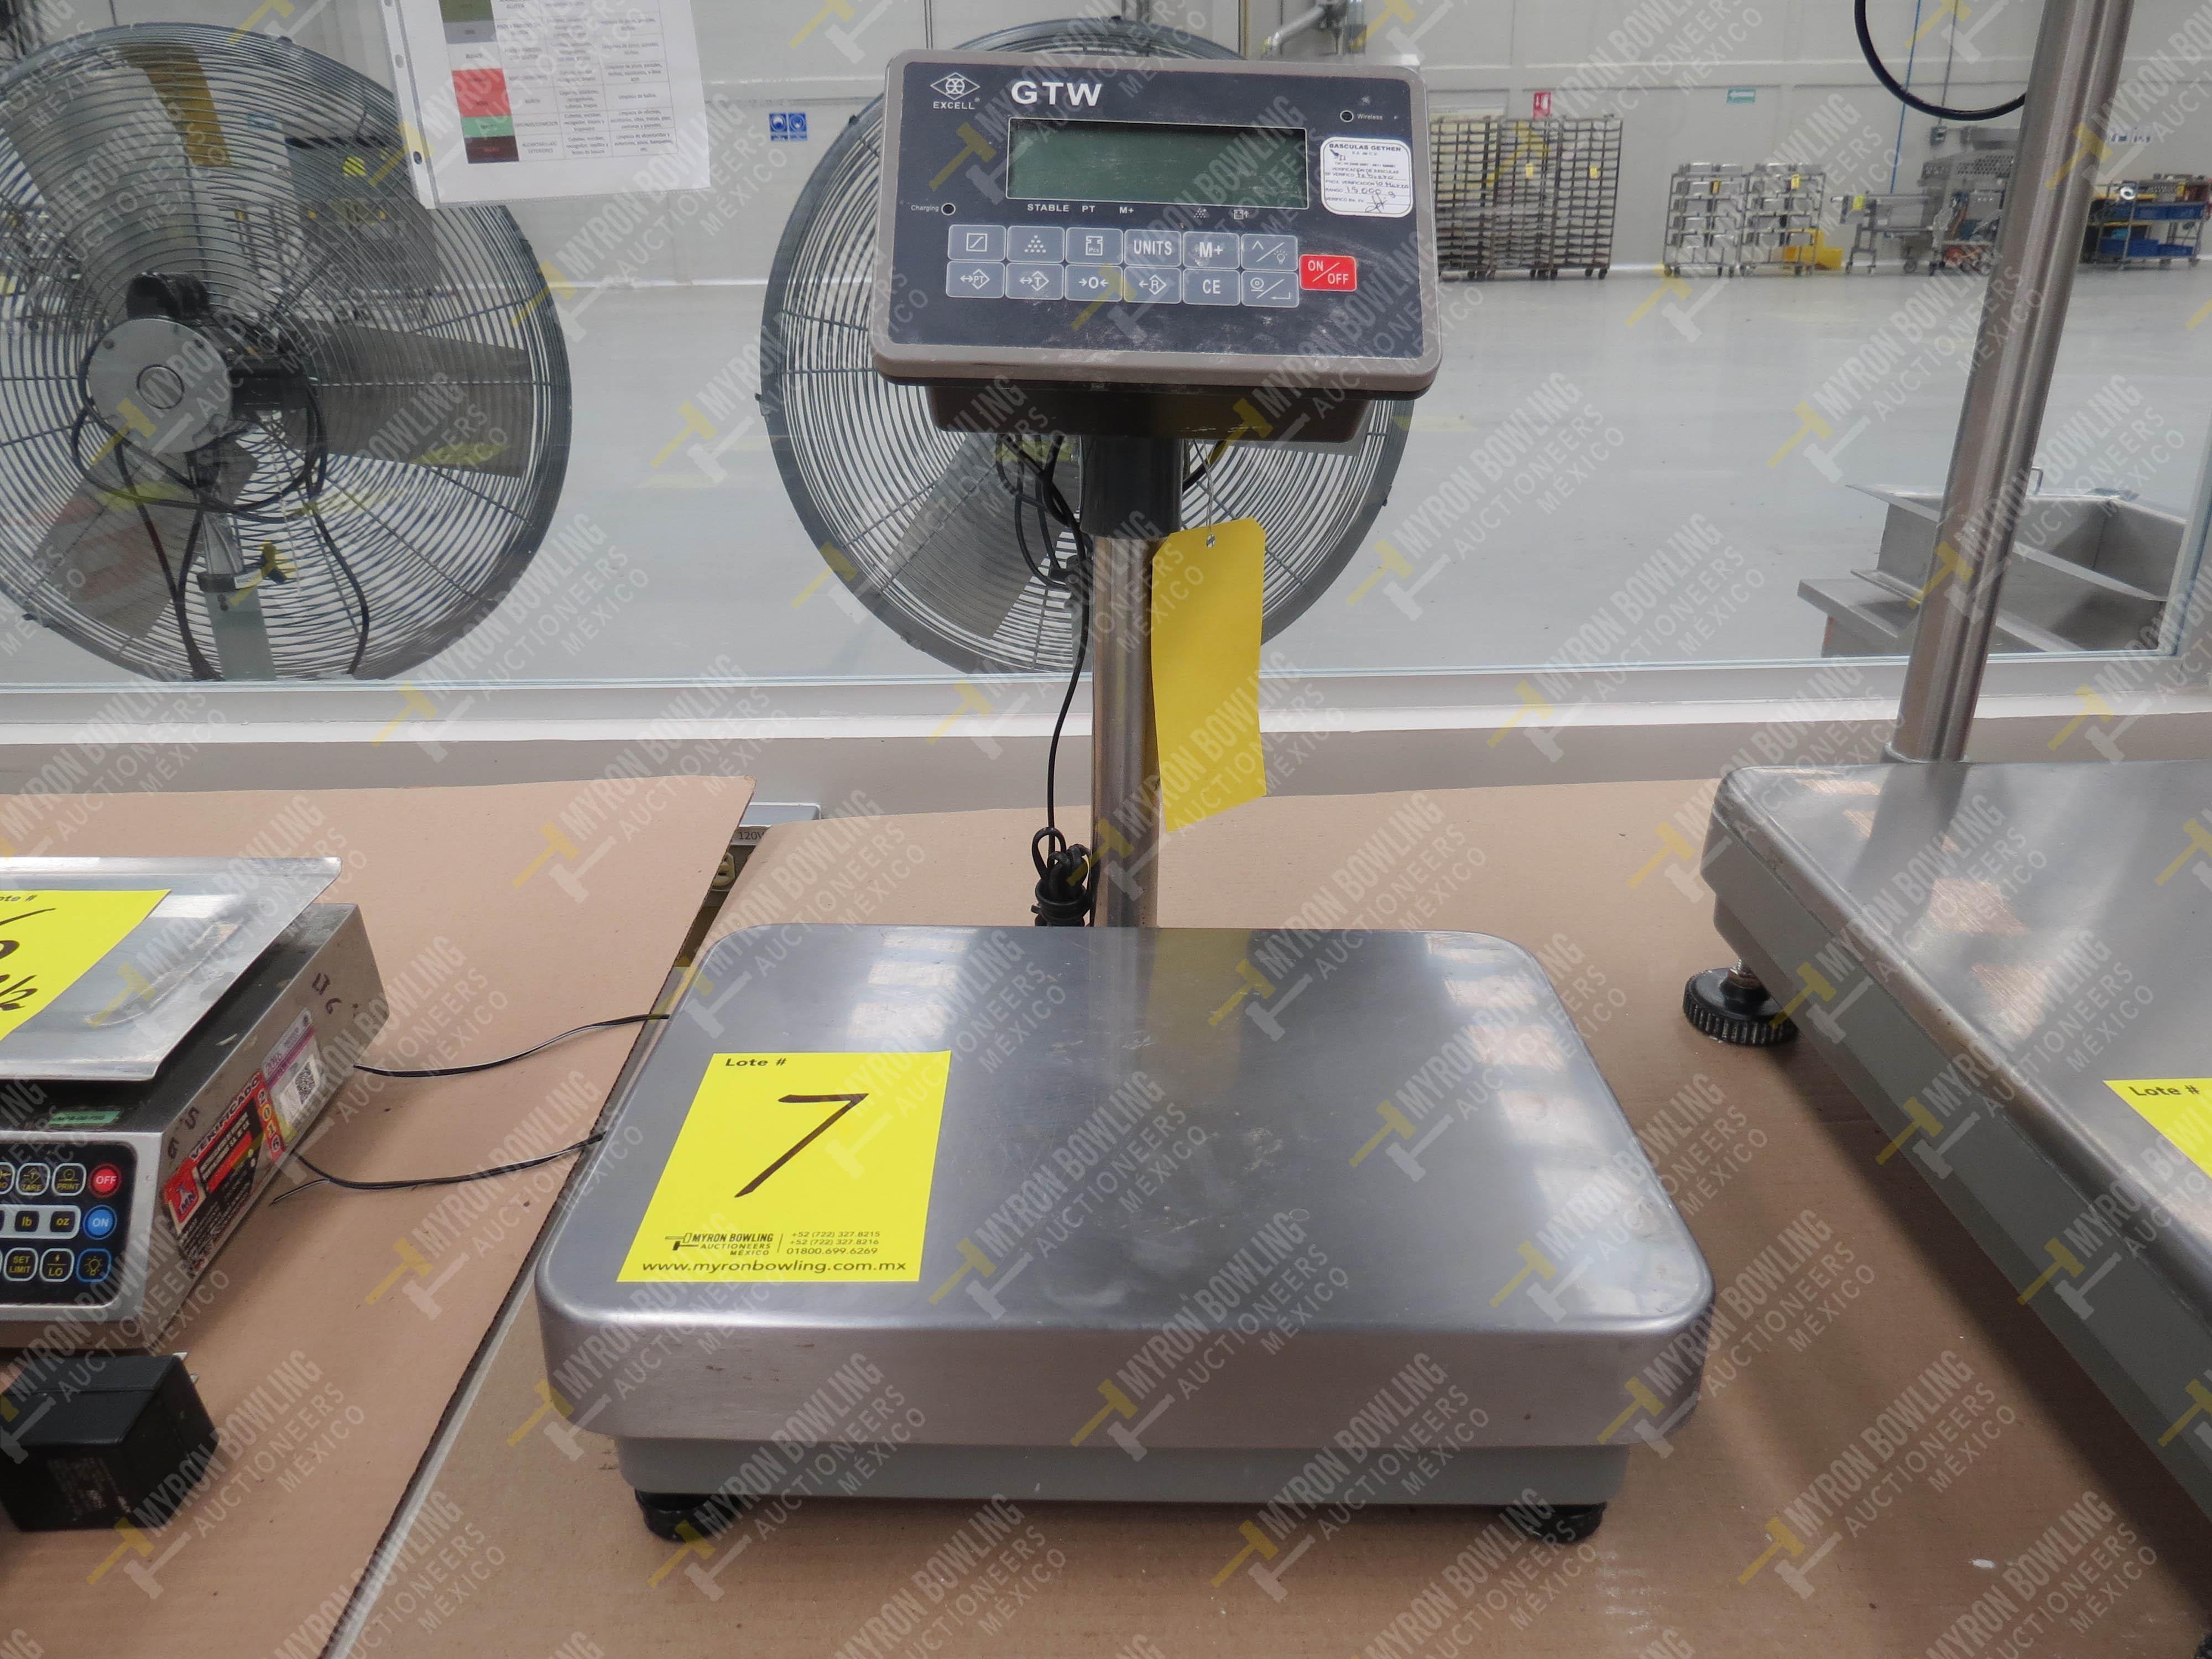 Báscula digital marca Excell. Modelo GTW, No. de Serie A13412794